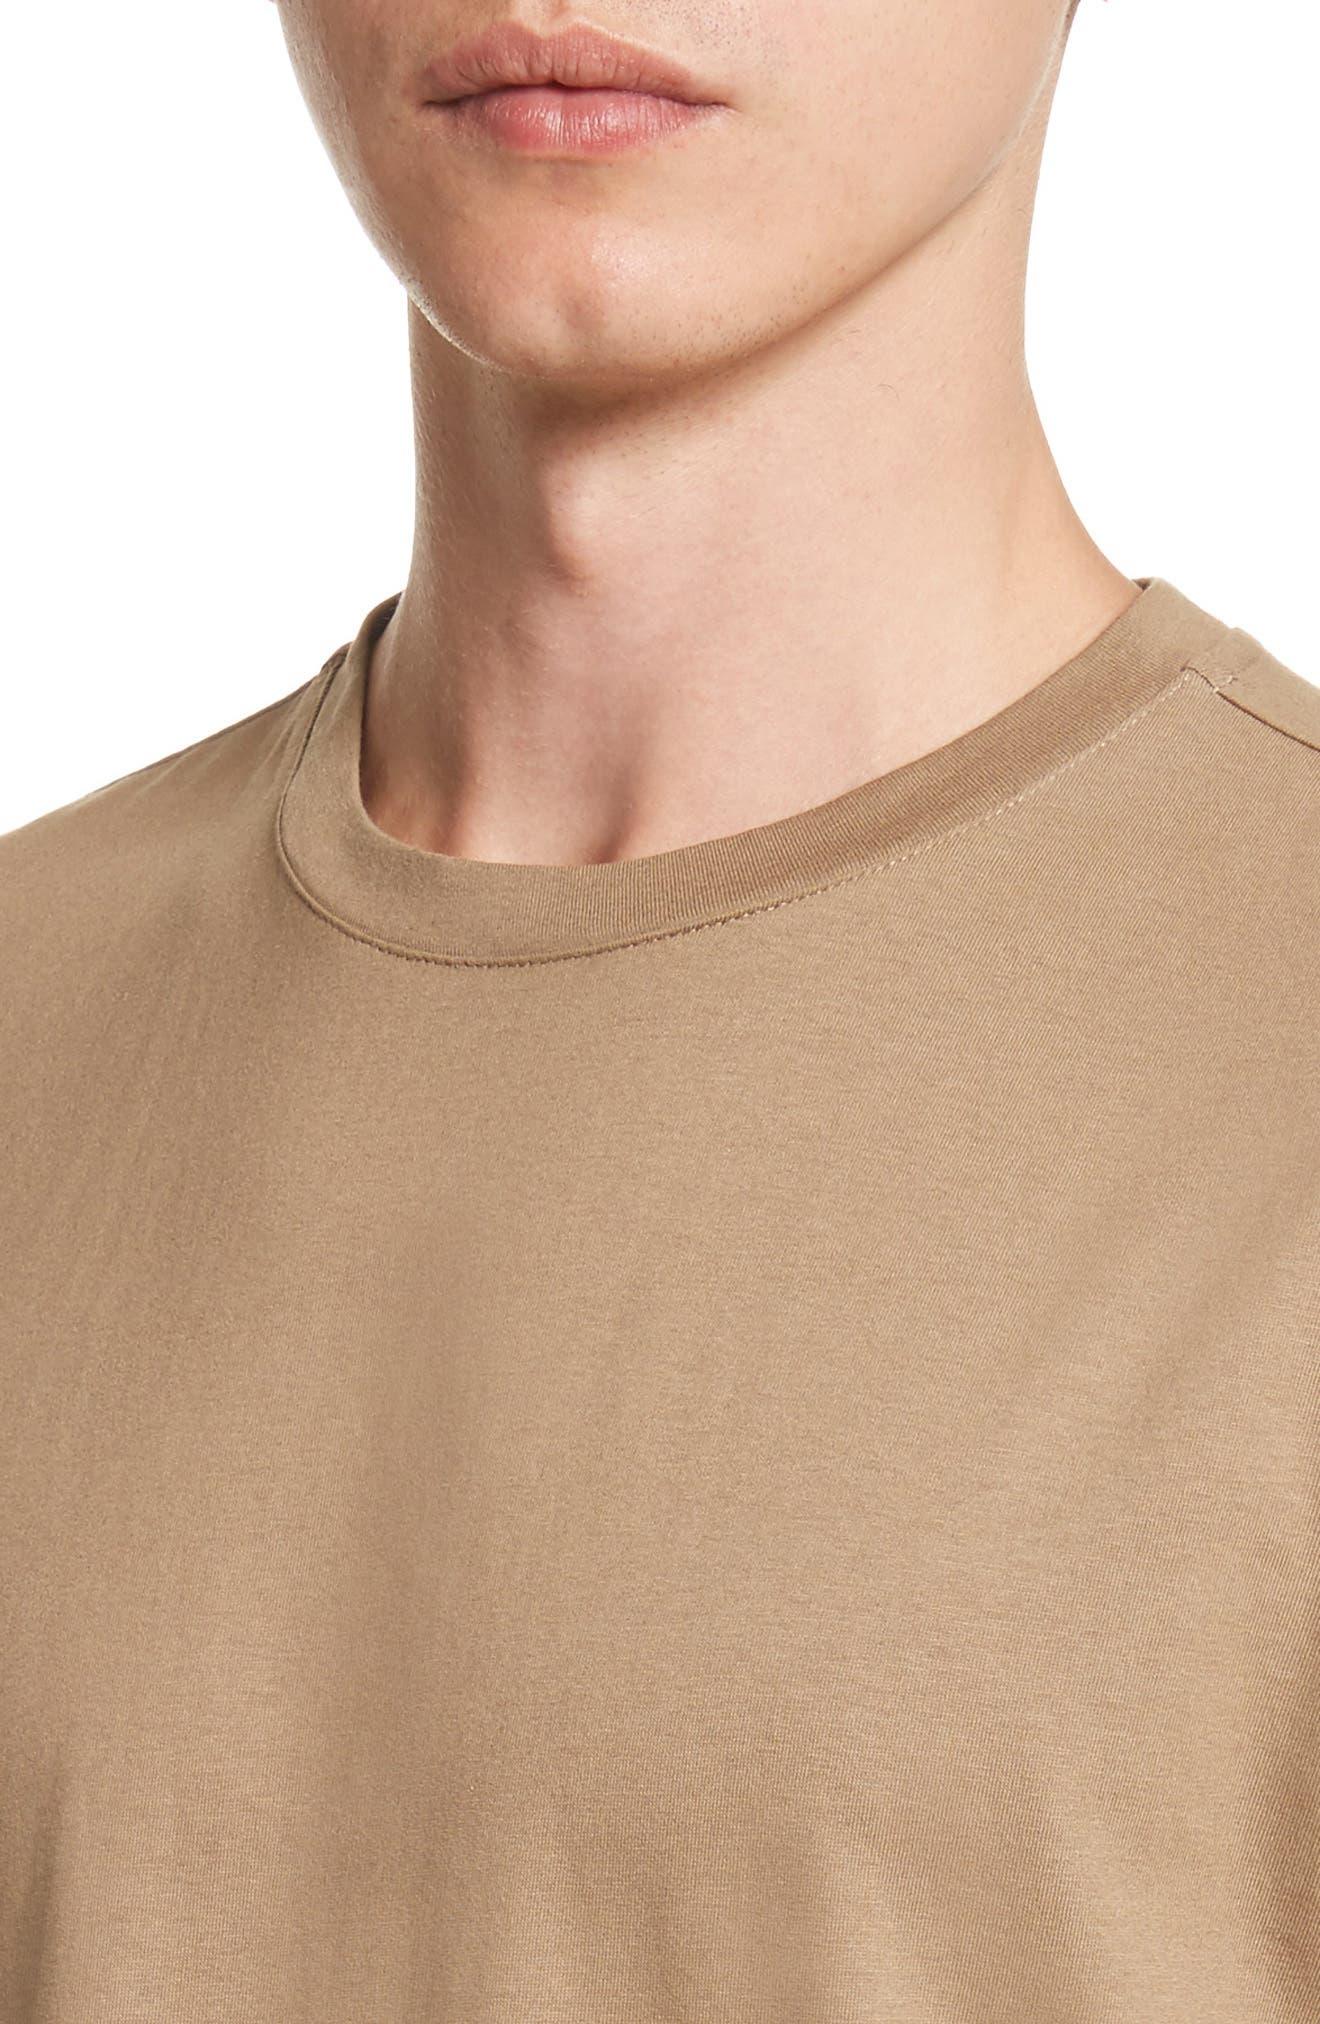 Jimmy T-Shirt,                             Alternate thumbnail 4, color,                             270